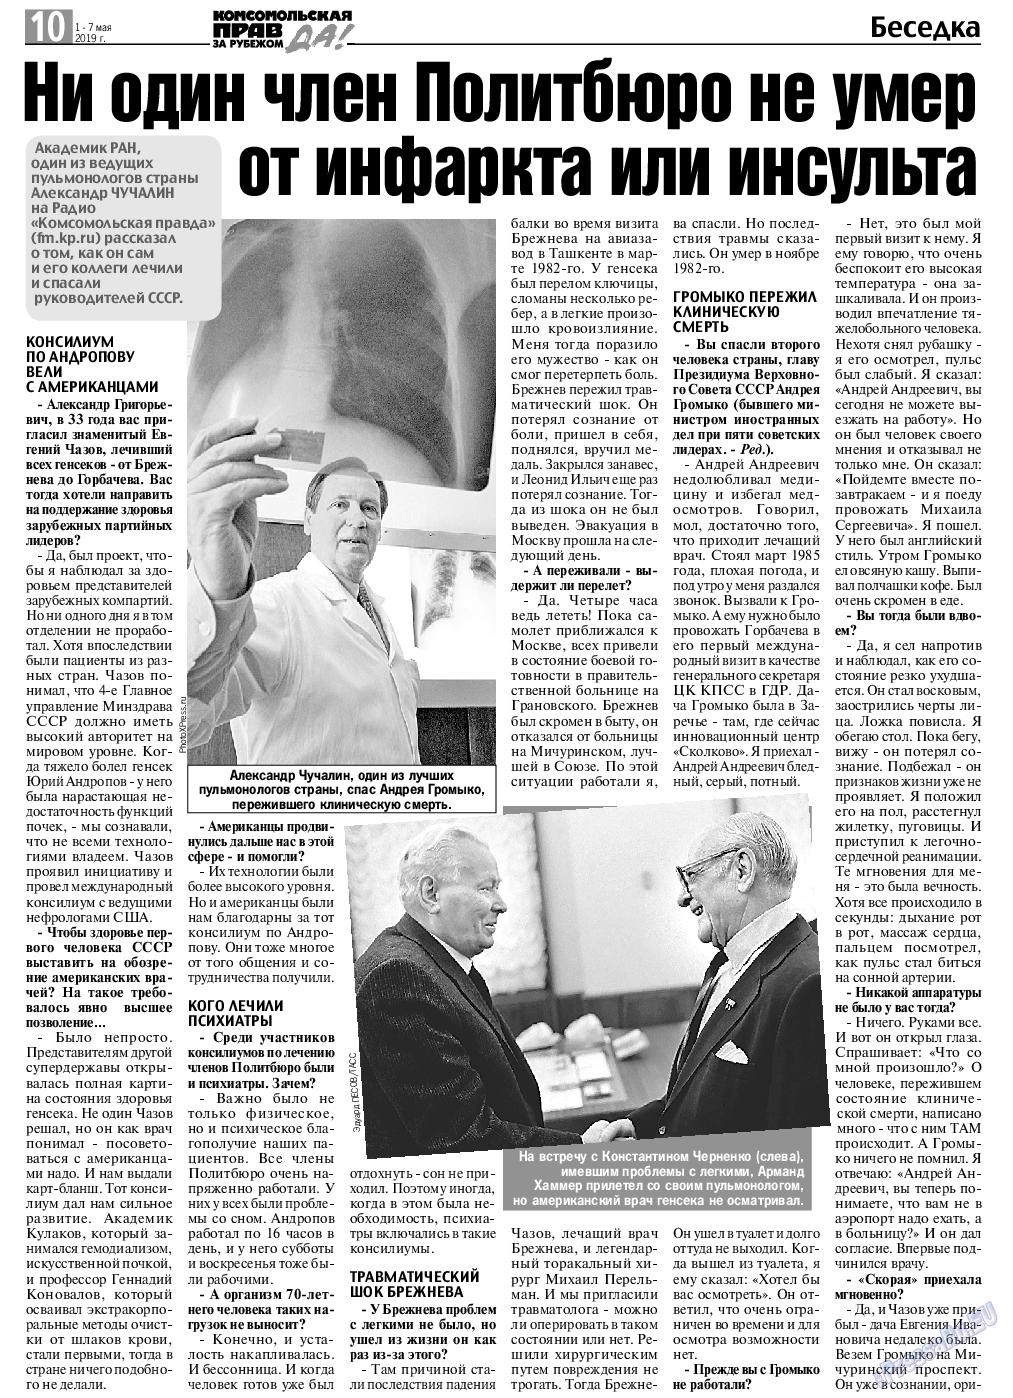 КП в Европе (газета). 2019 год, номер 18, стр. 10